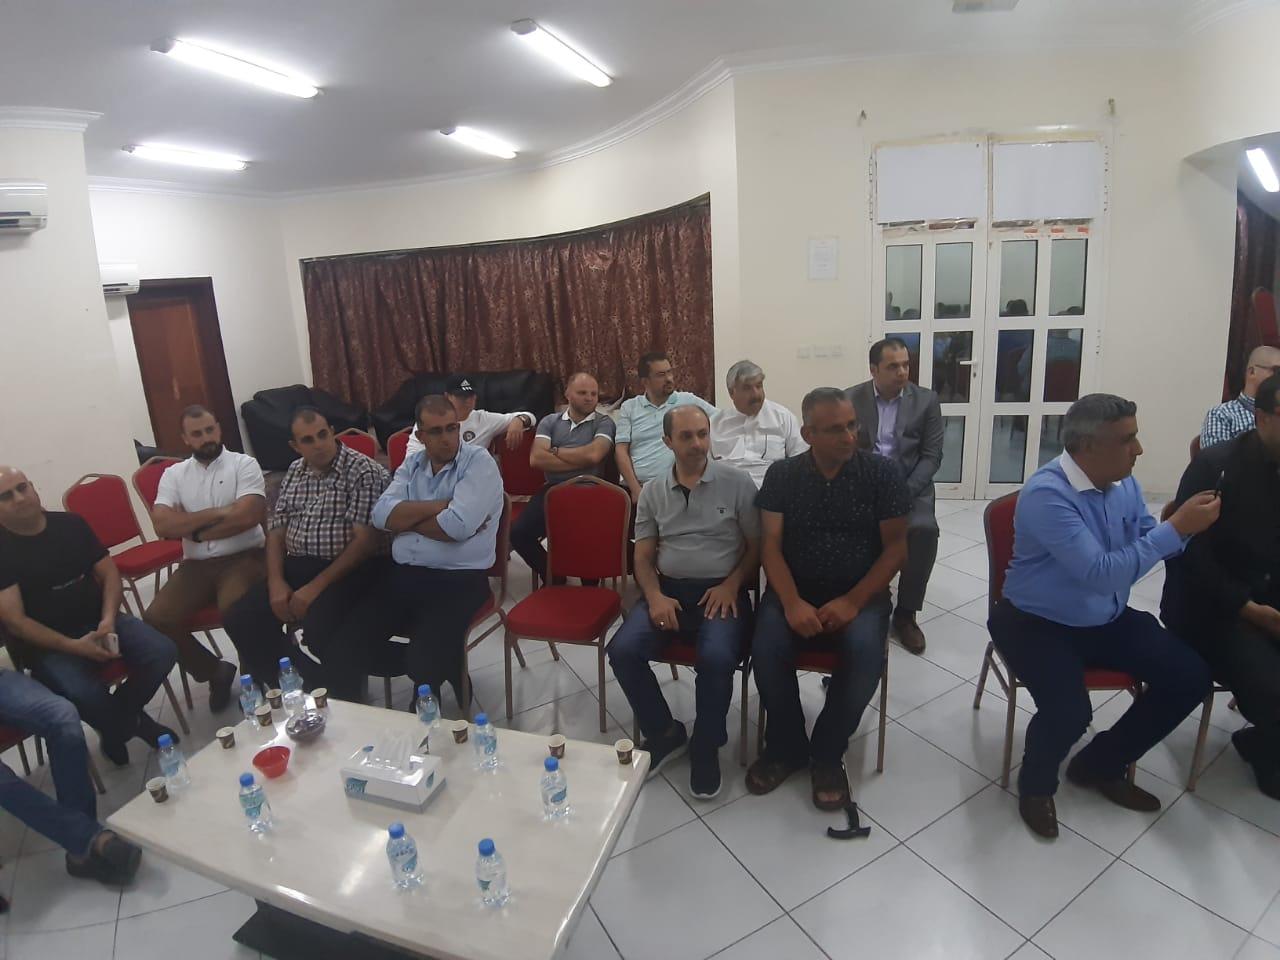 اجتماع لملتقى نشامى الجالية الاردنية في الدوحة لبحث الاستثمار  - صور